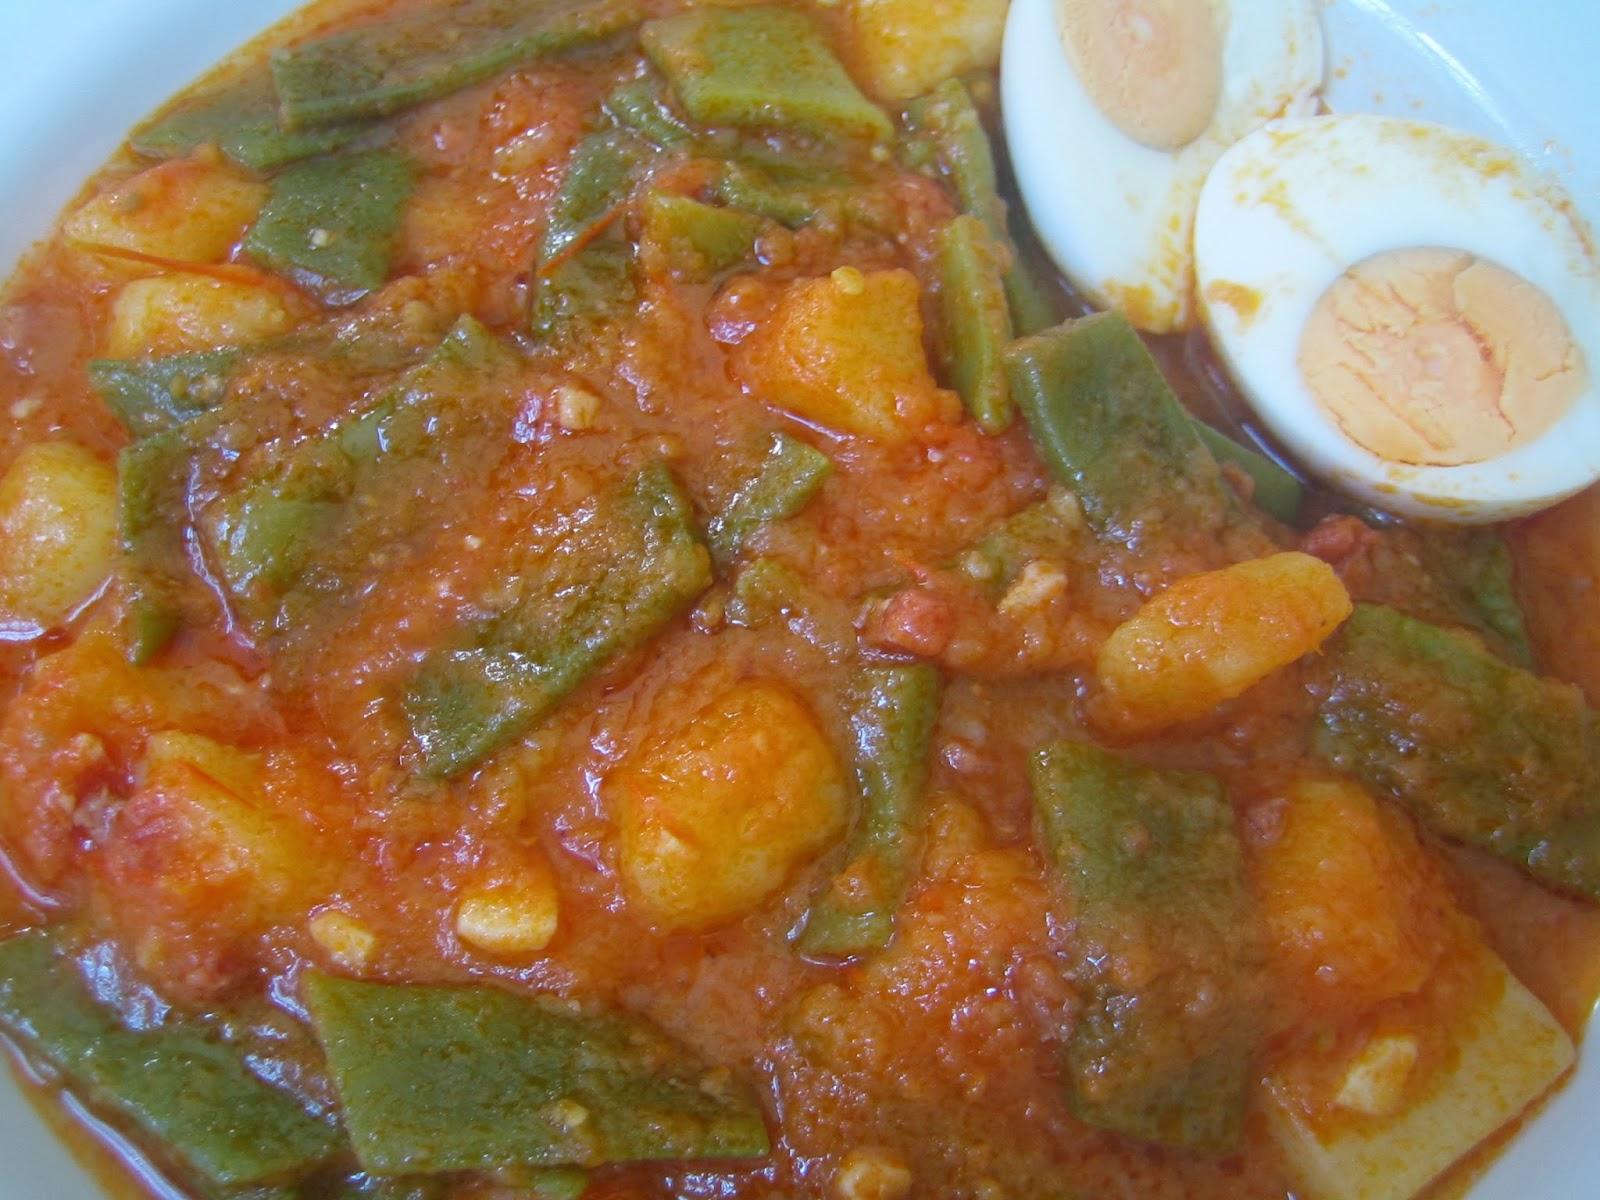 Come en mi cocina vainas judias verdes con jam n y for Cocinar judias verdes